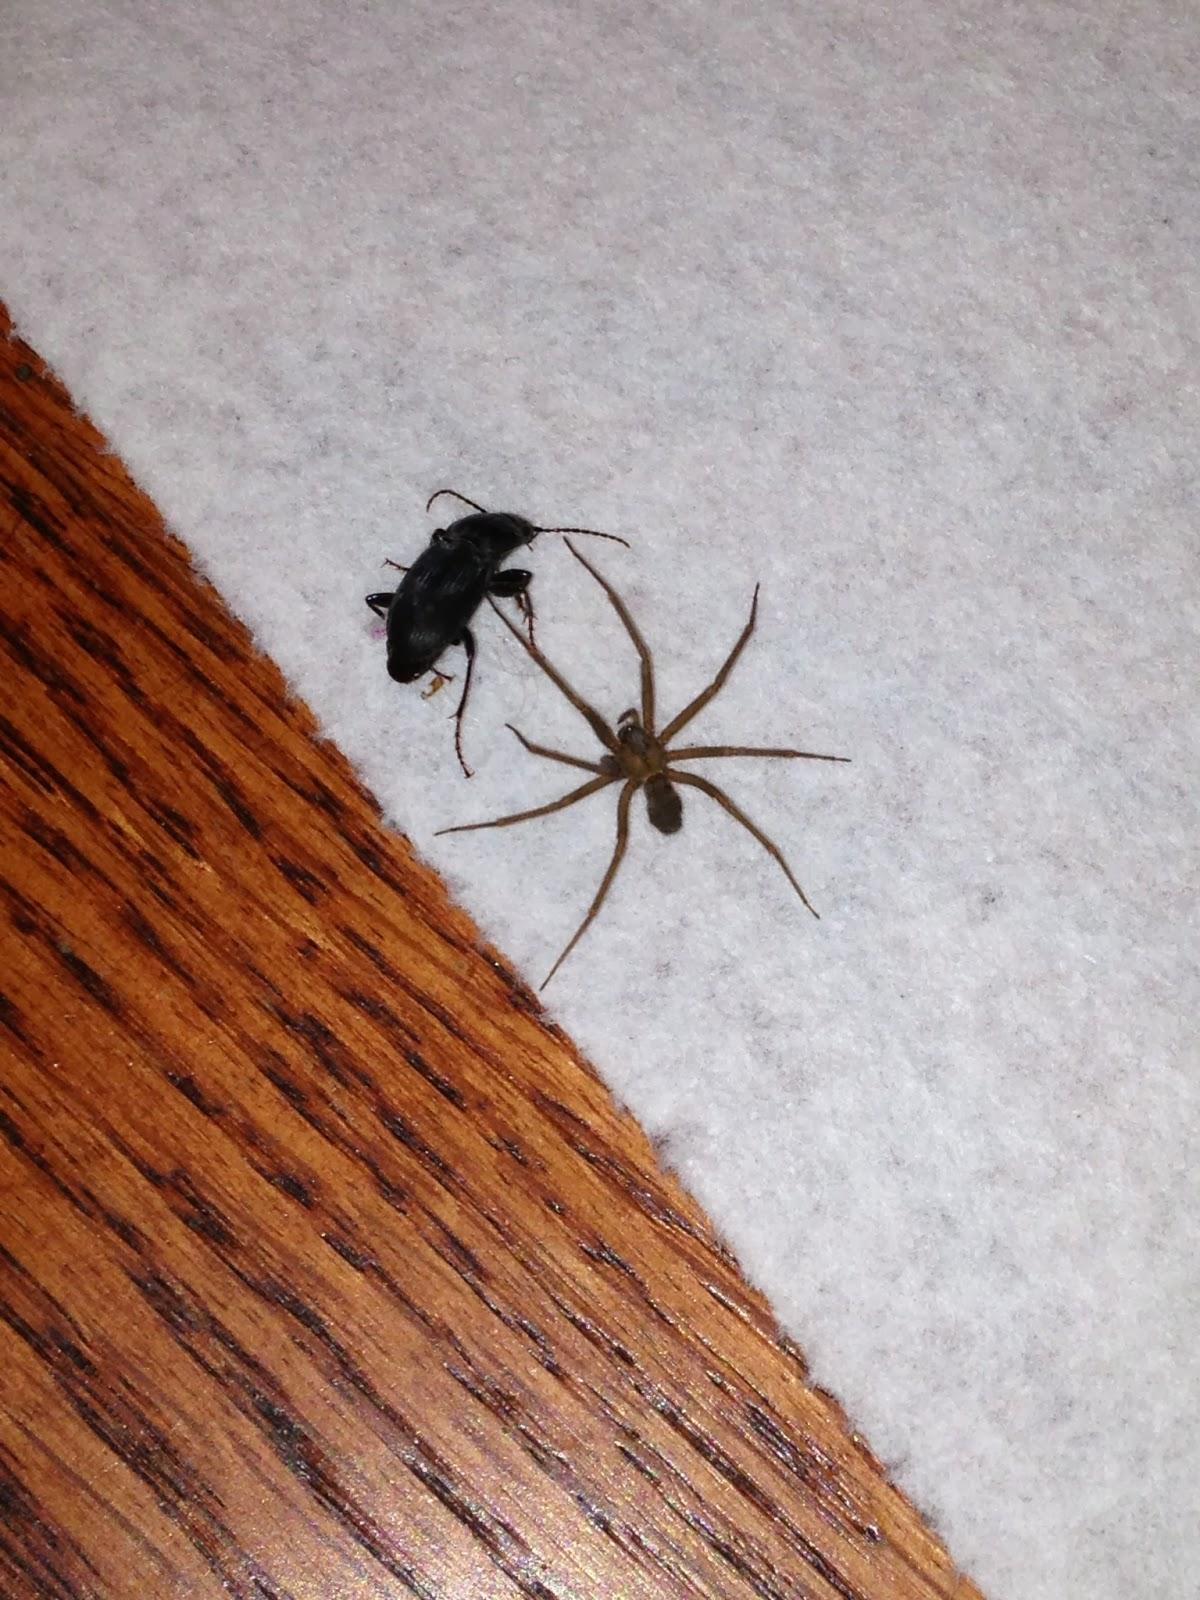 Brown recluse size comparison